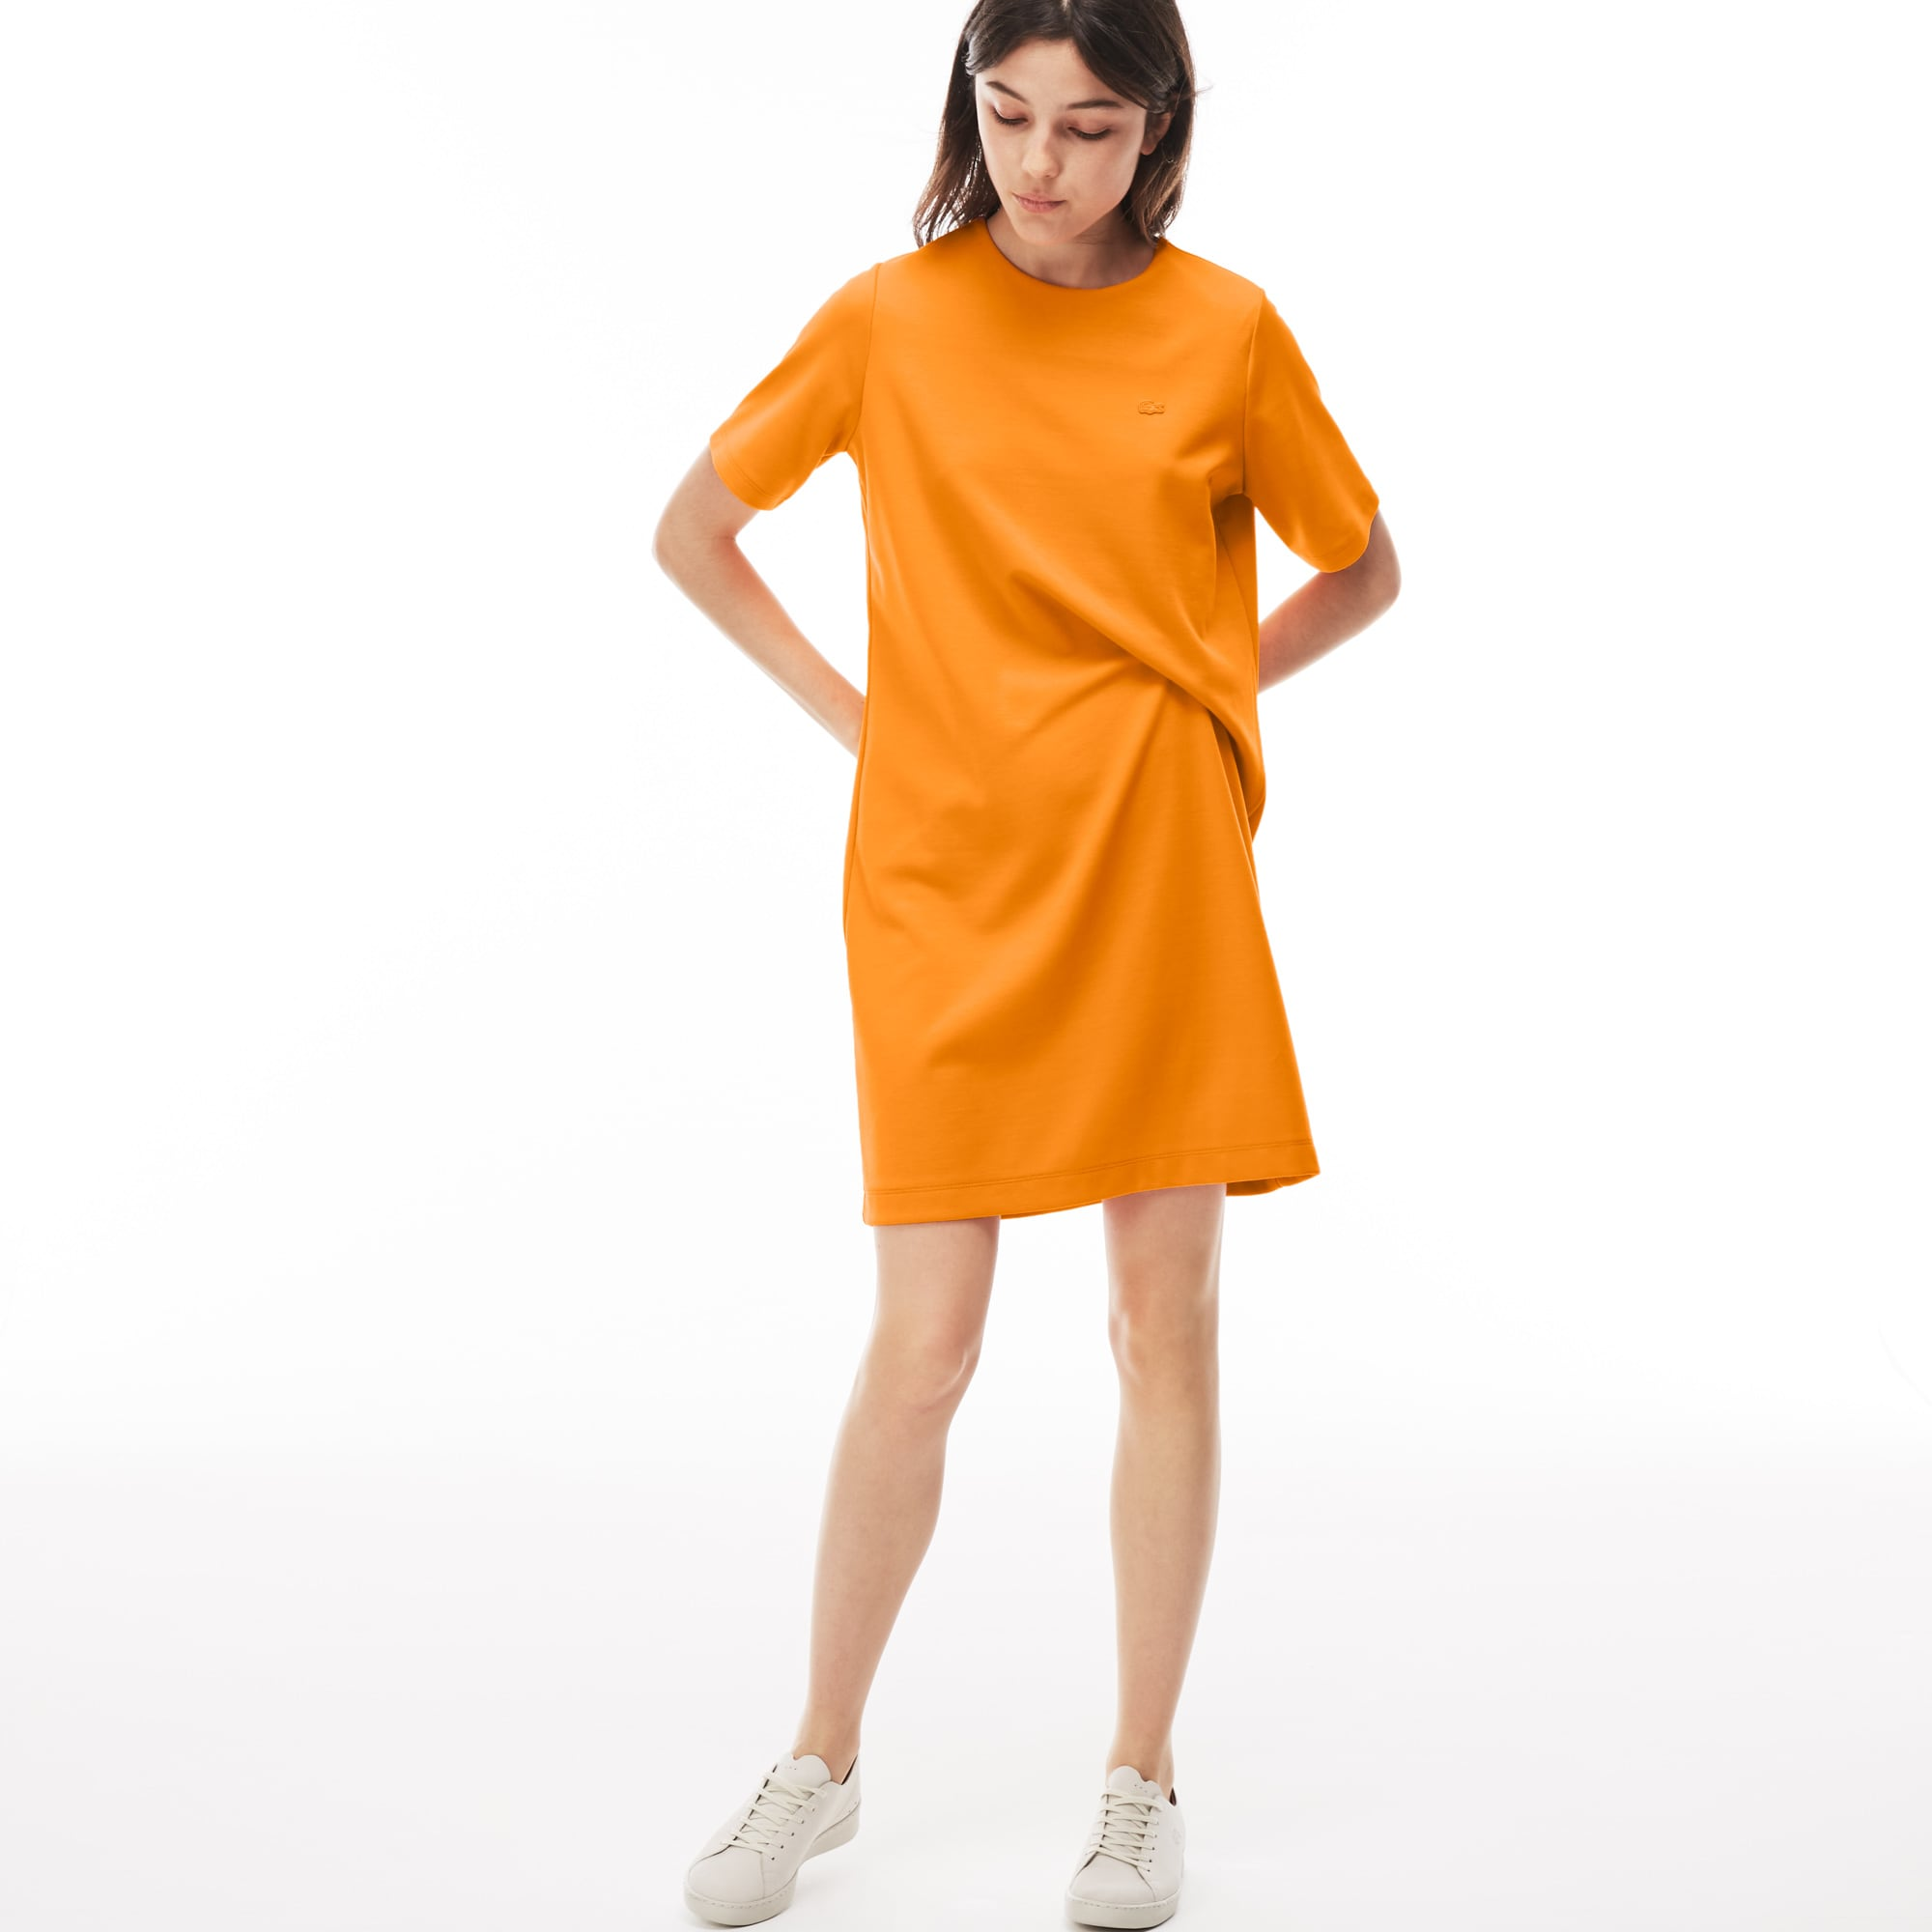 Lacoste LIVE-jurk dames katoenjersey asymmetrisch